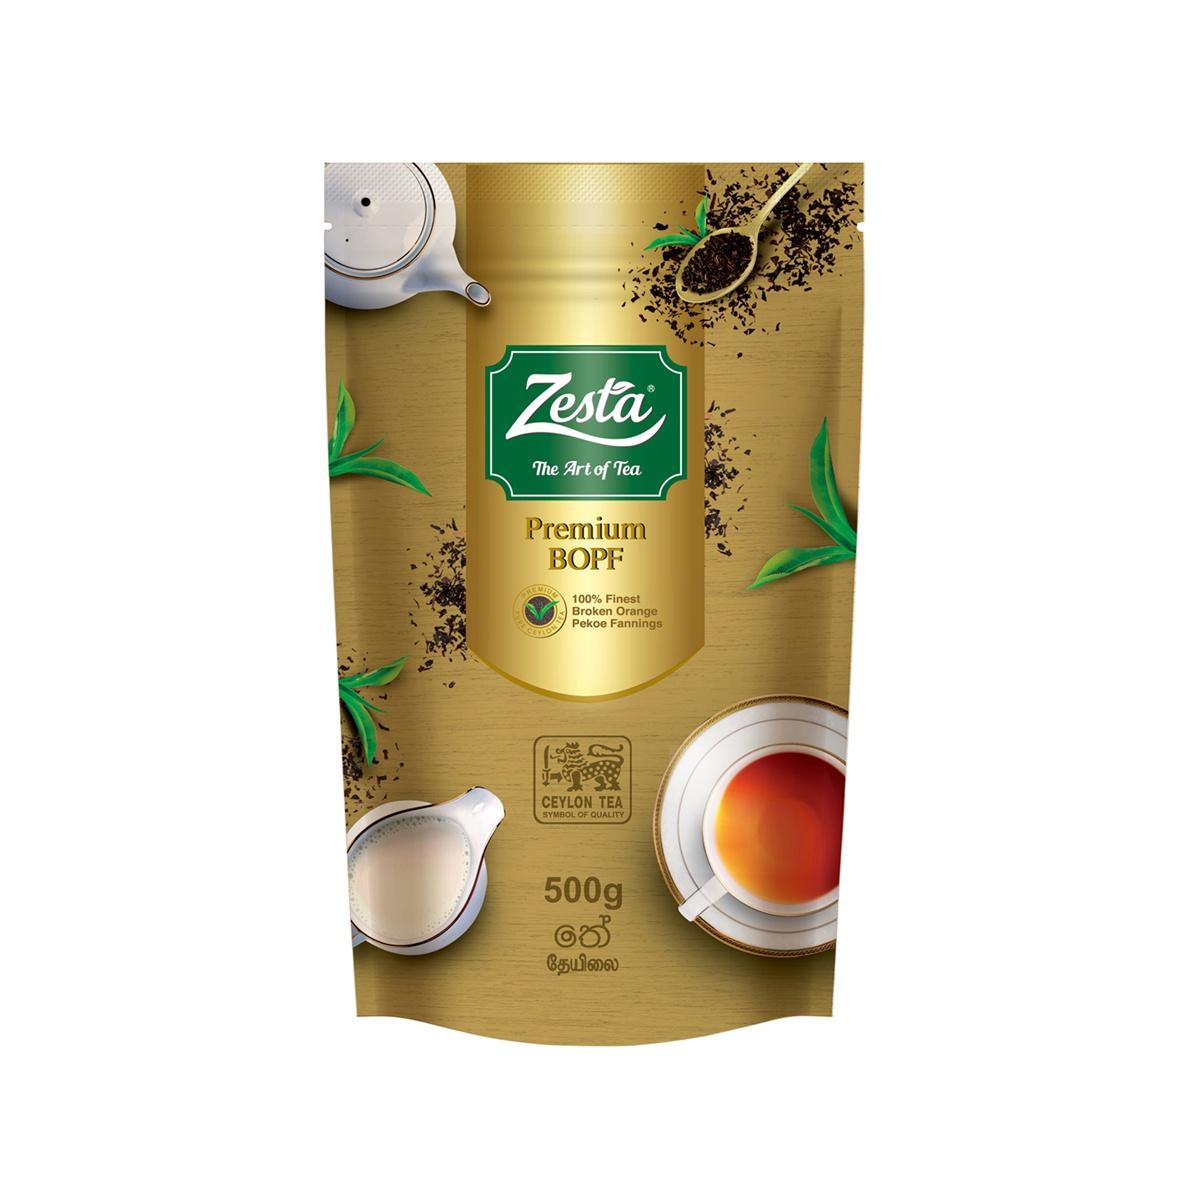 Zesta Tea 500G - ZESTA - Tea - in Sri Lanka